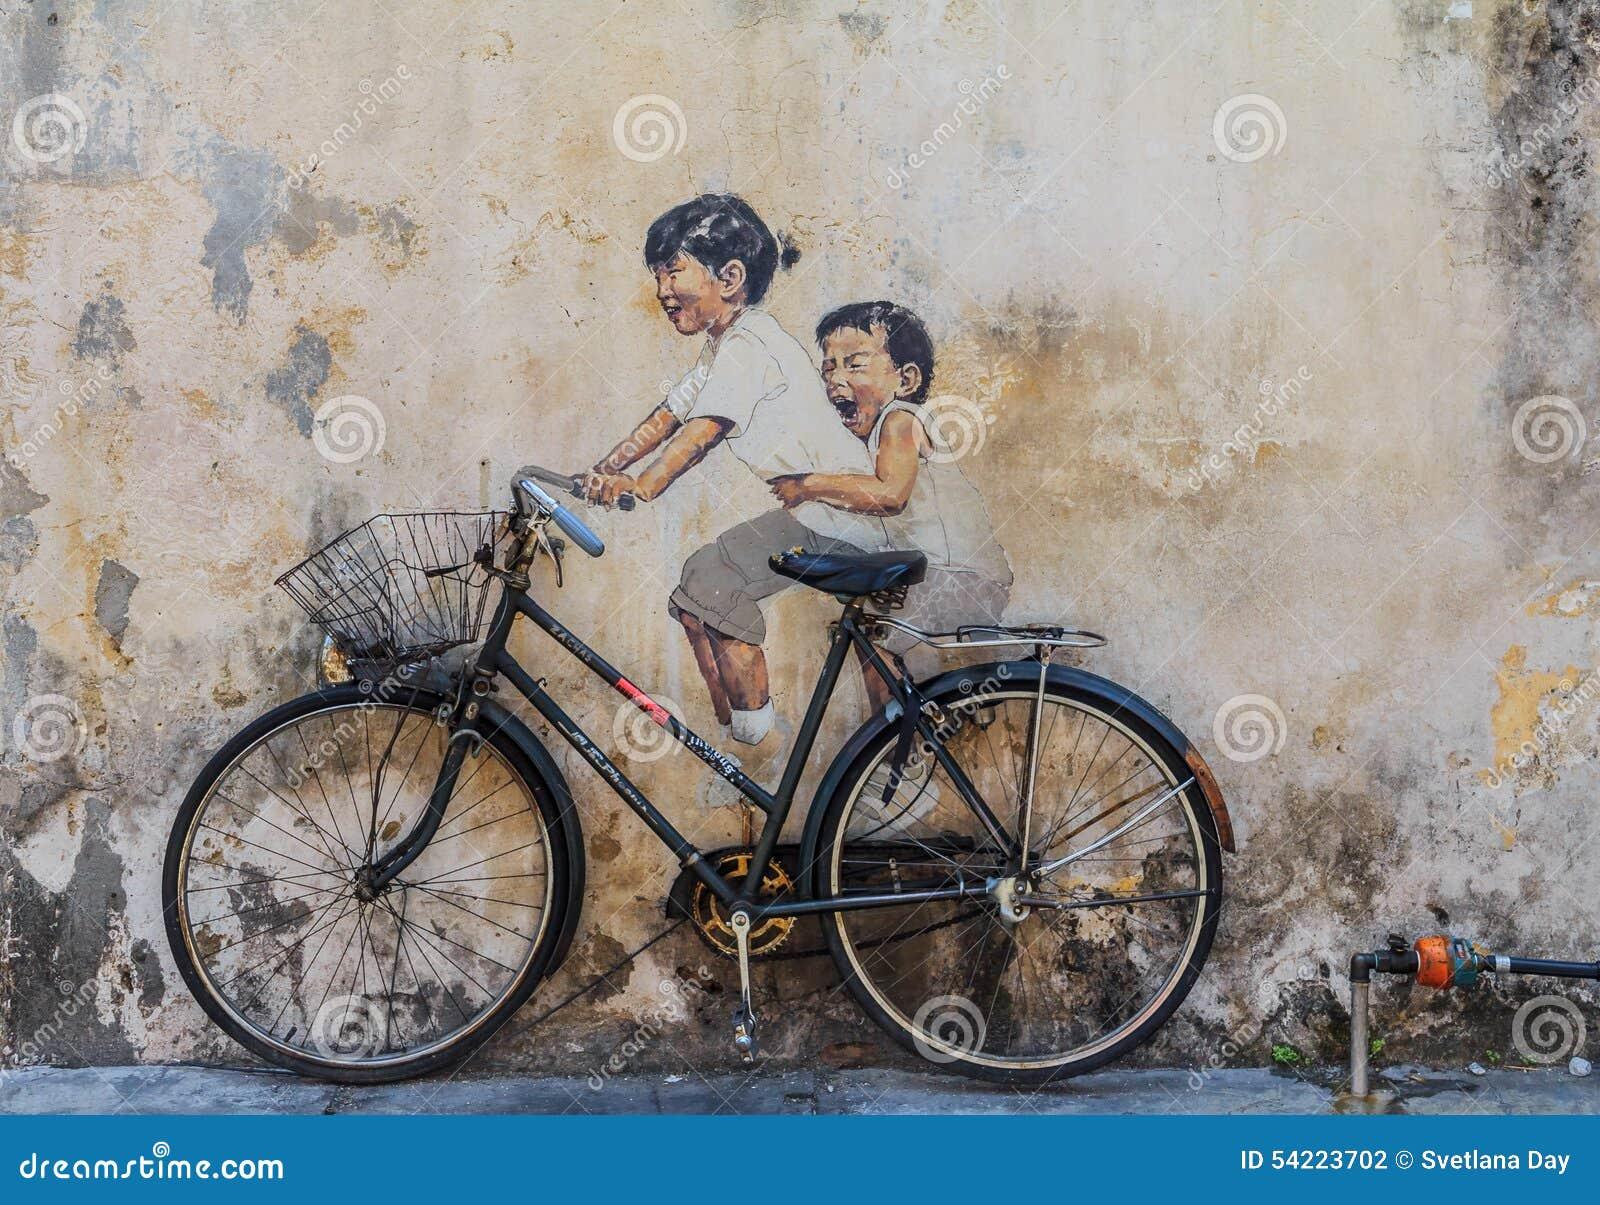 Penang wall artwork